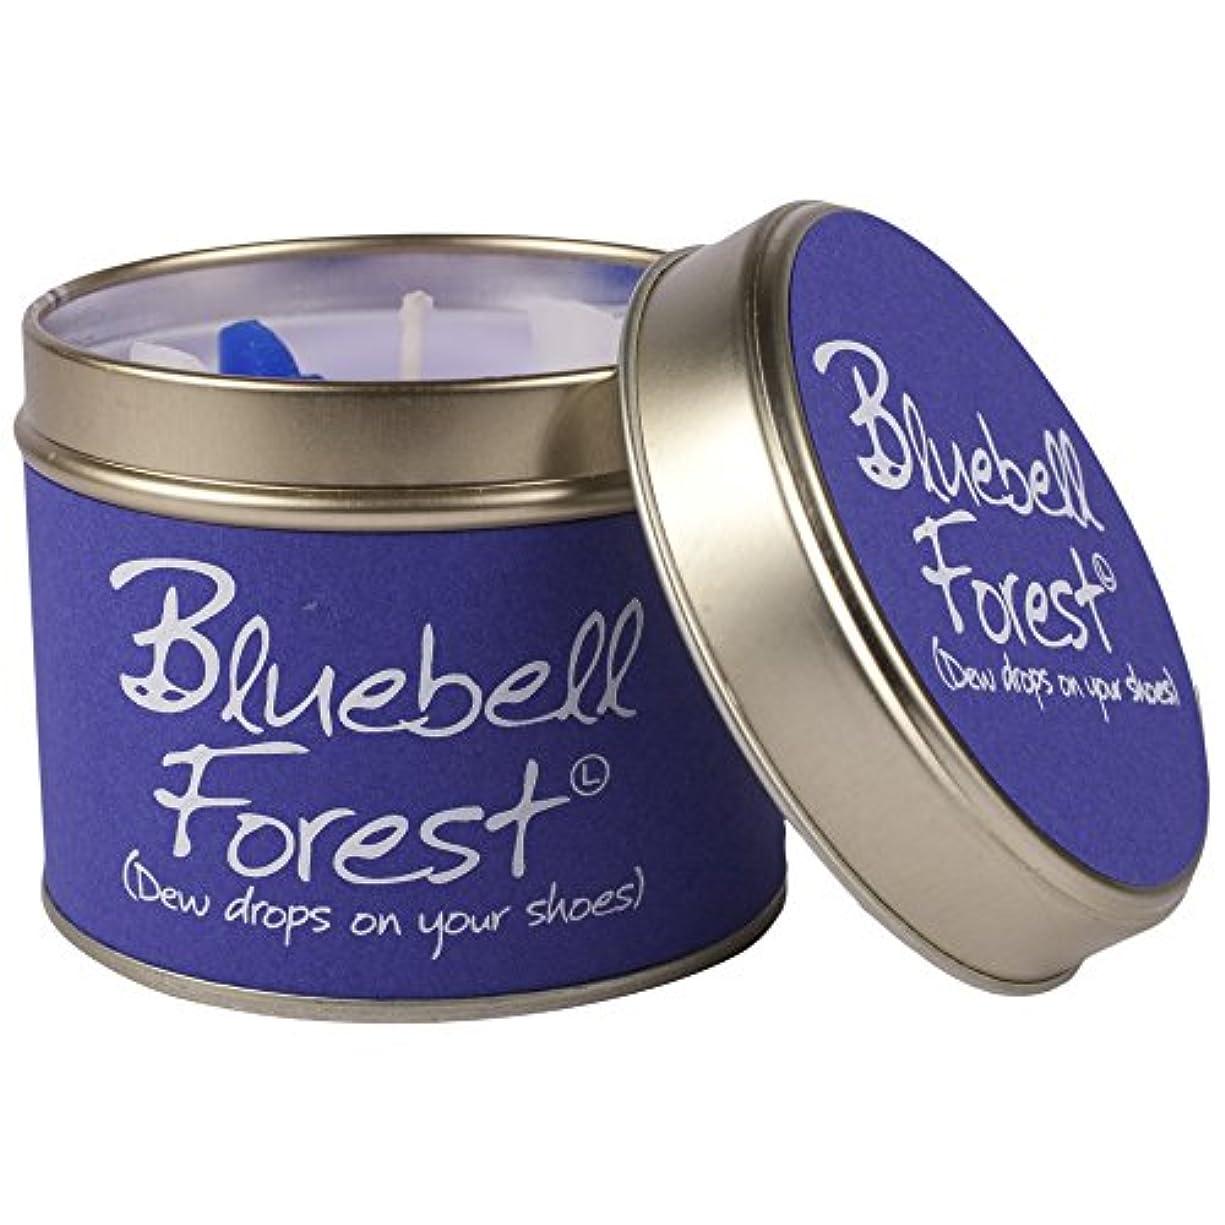 シェードストリーム十代の若者たちLily- Flame Scented Candle in a Tin Bluebell Forest (Pack of 6) - スズブルーベルの森でLily-炎香りのキャンドル (Lily-Flame) (x6) [...